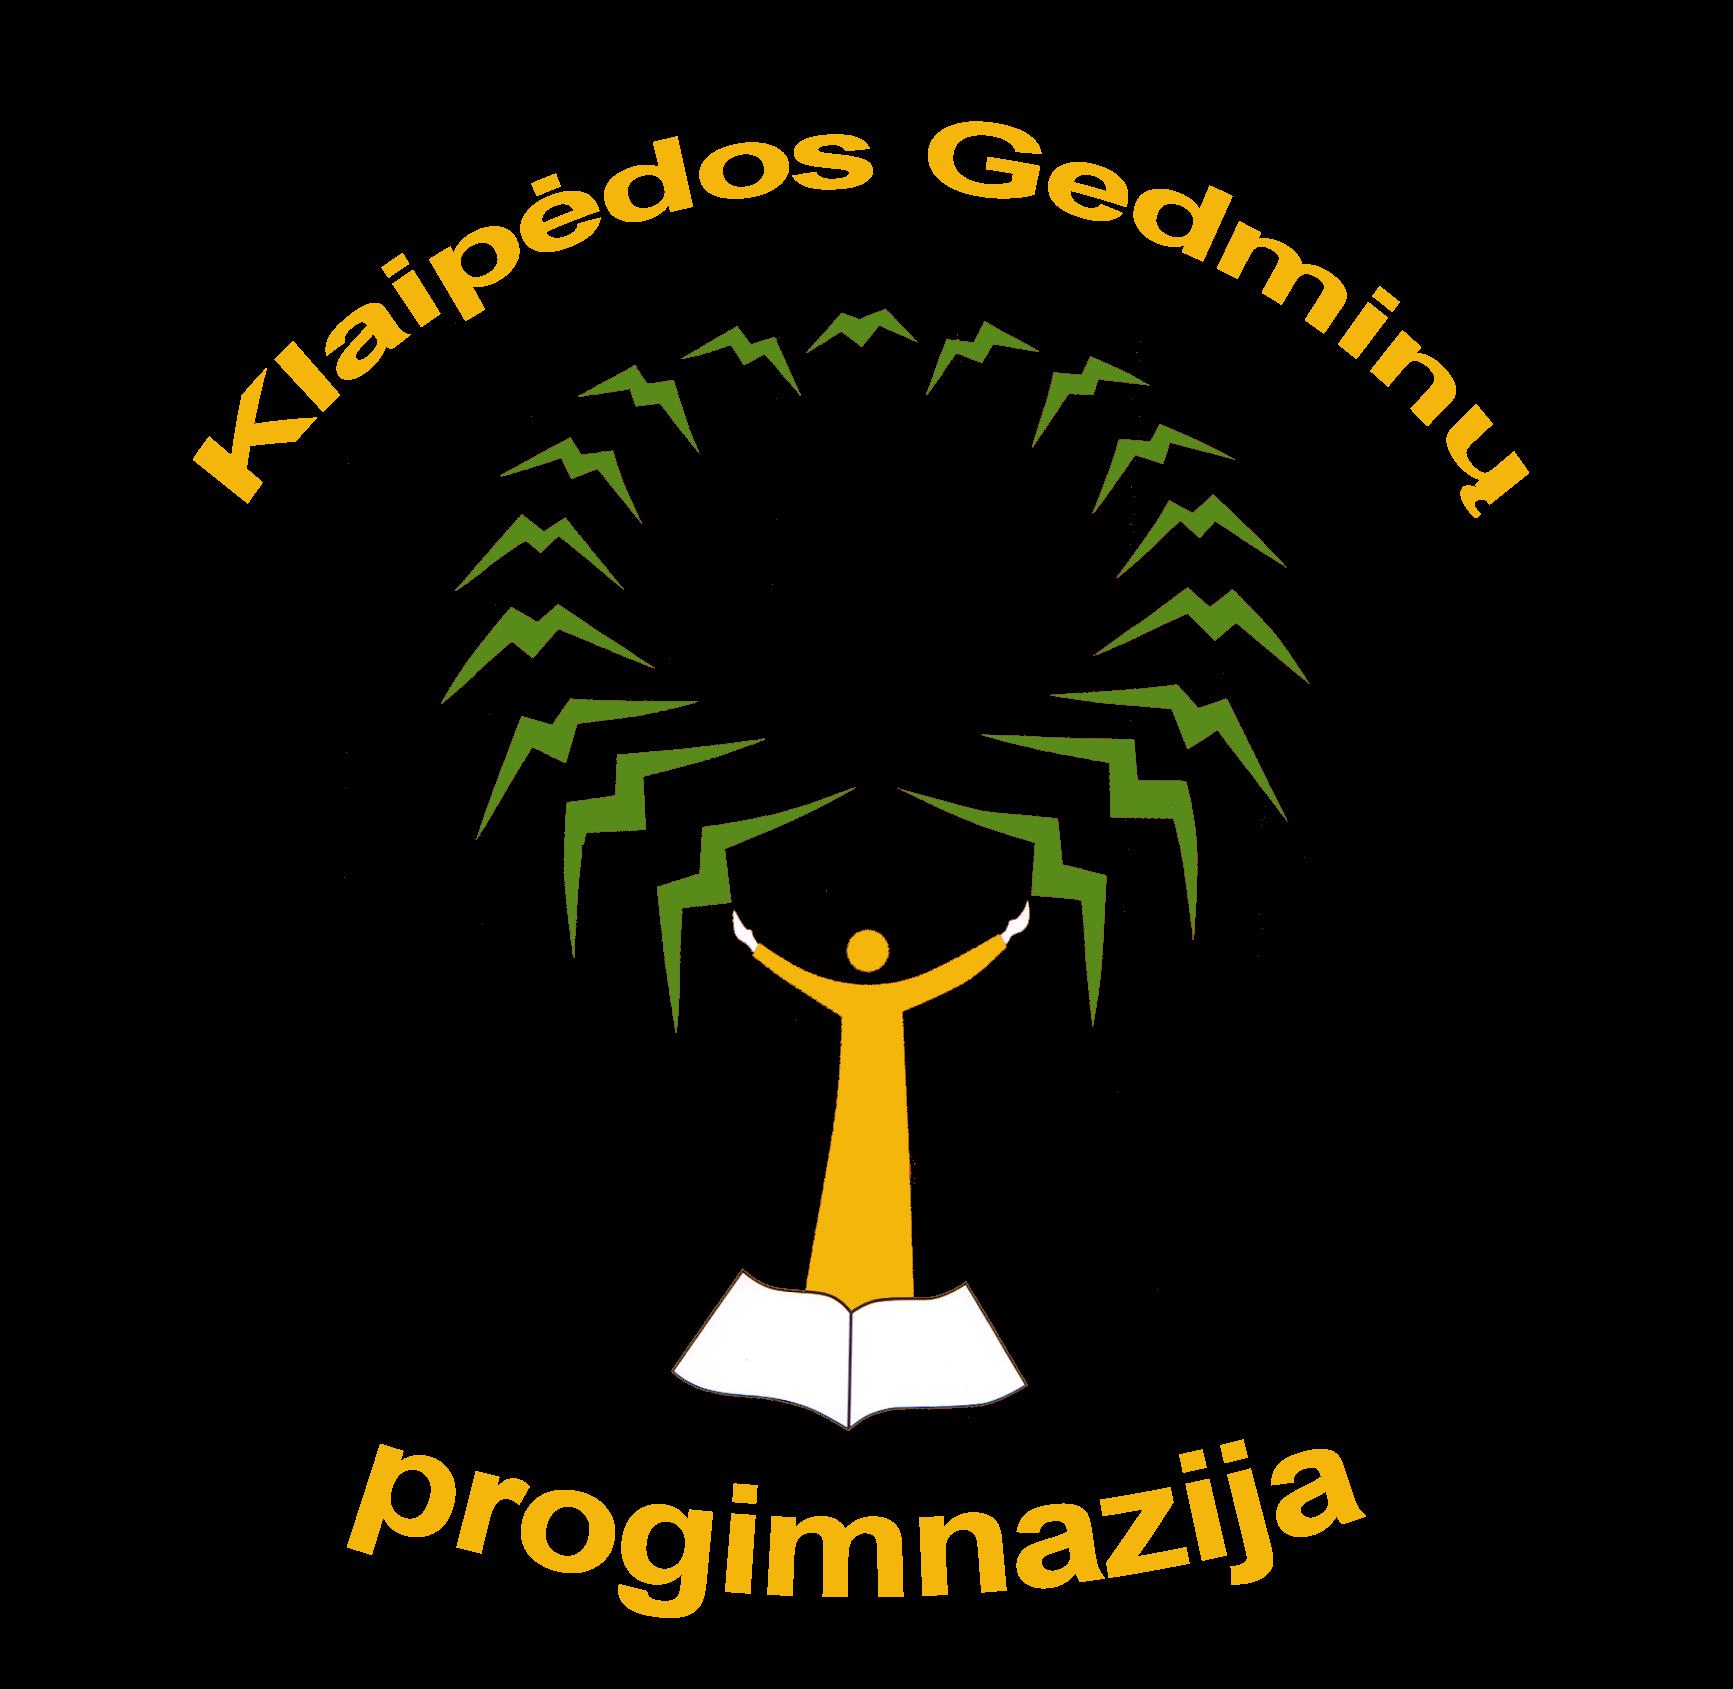 Klaipėdos Gedminų progimnazija